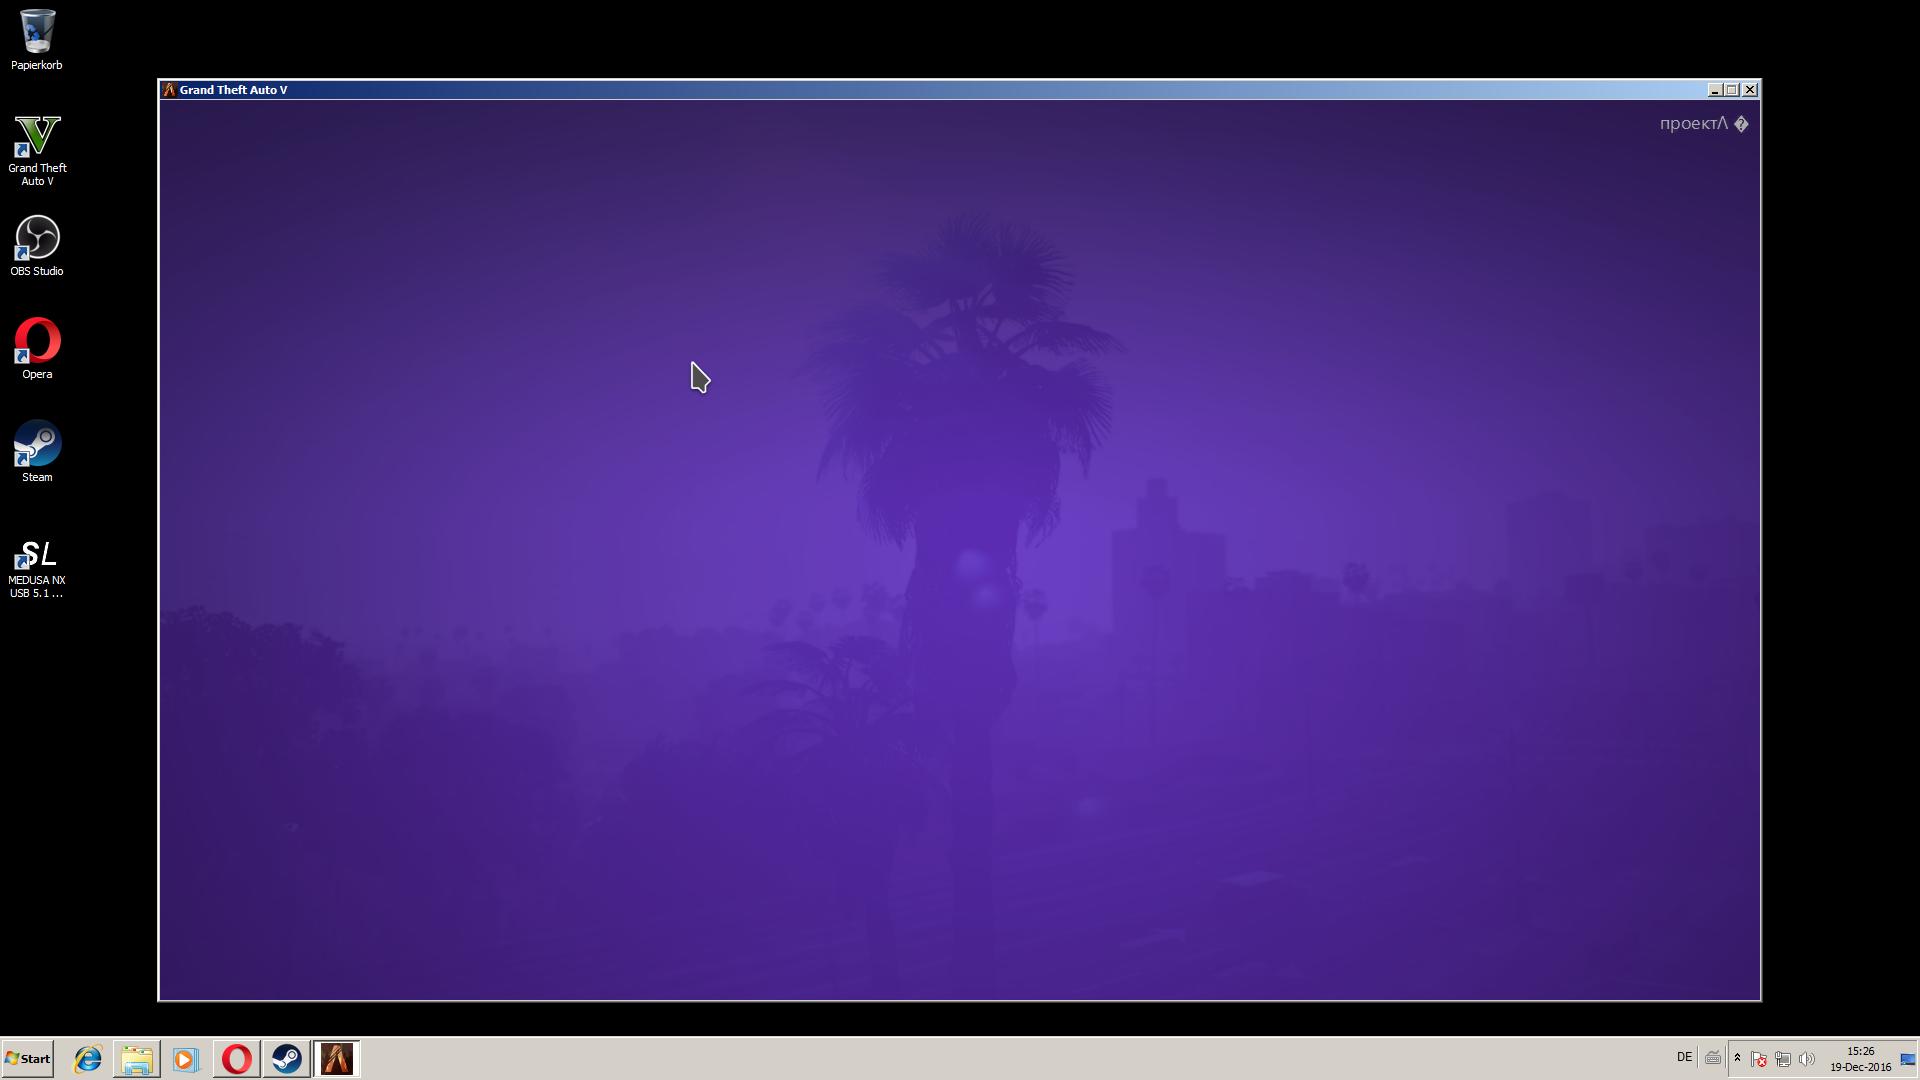 windows 7 error screenshot alt text